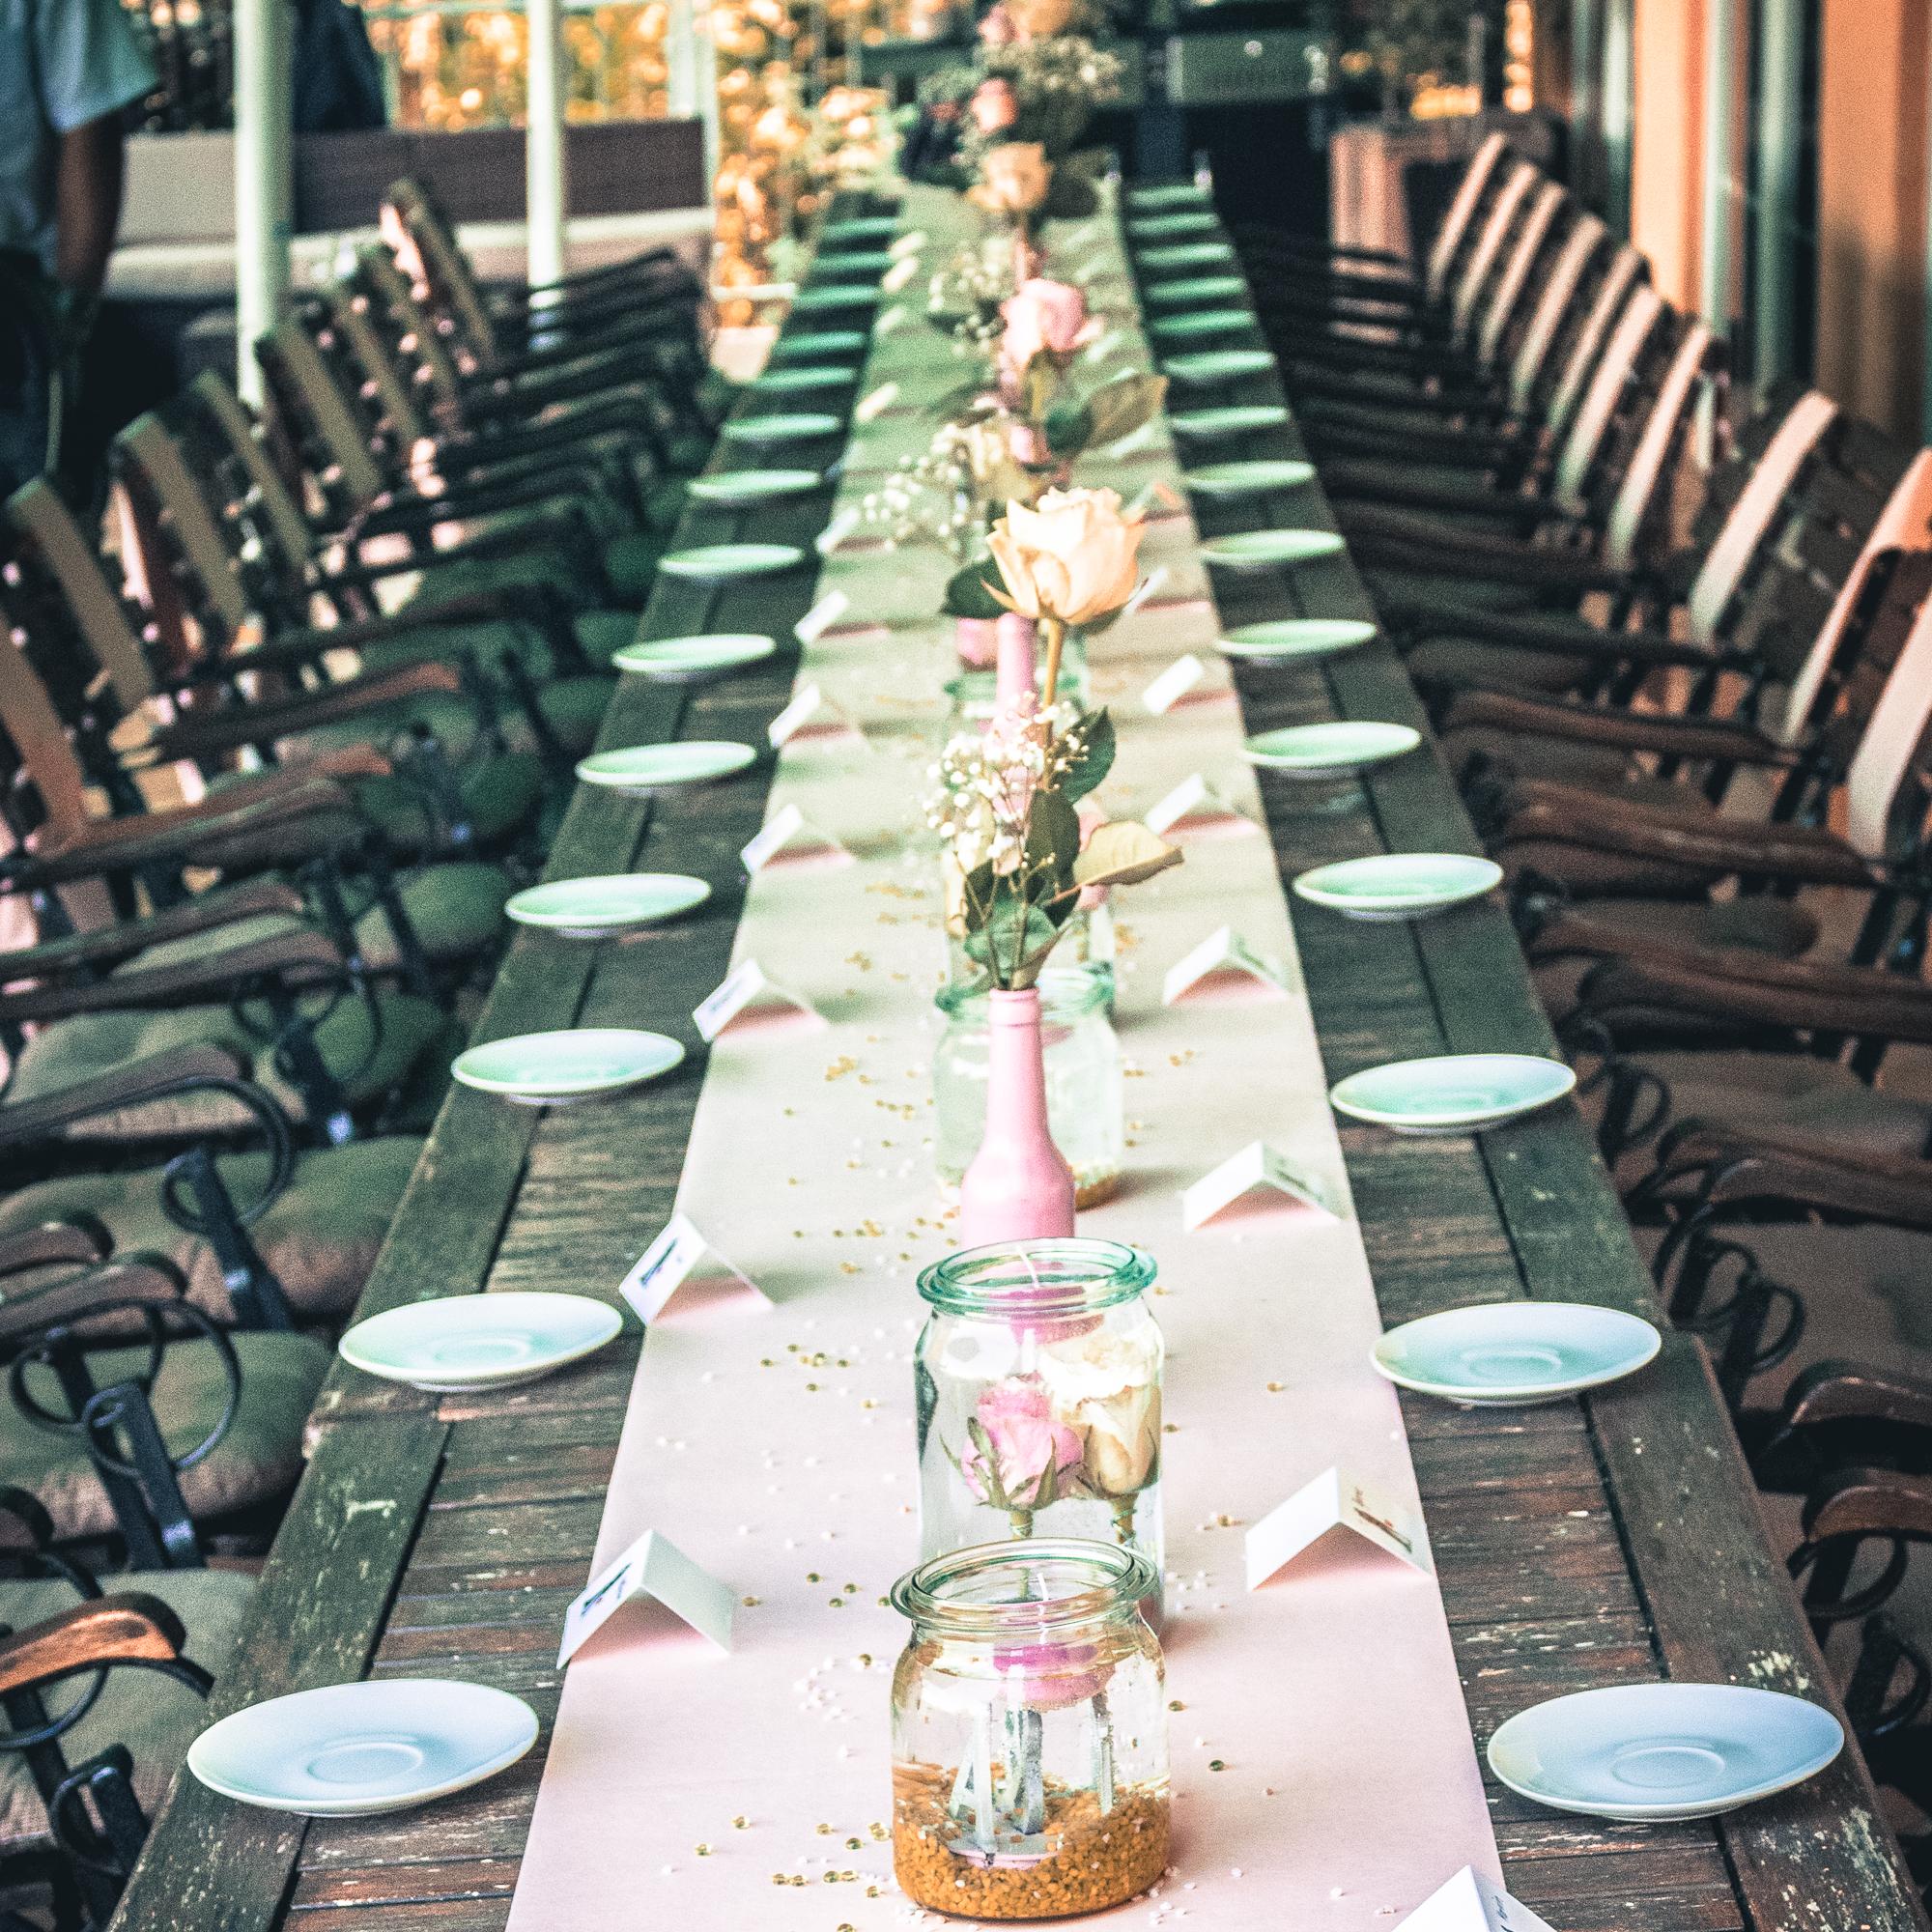 gastro raeume inspiration strandhotel vier jahreszeiten ort buckow restaurant j